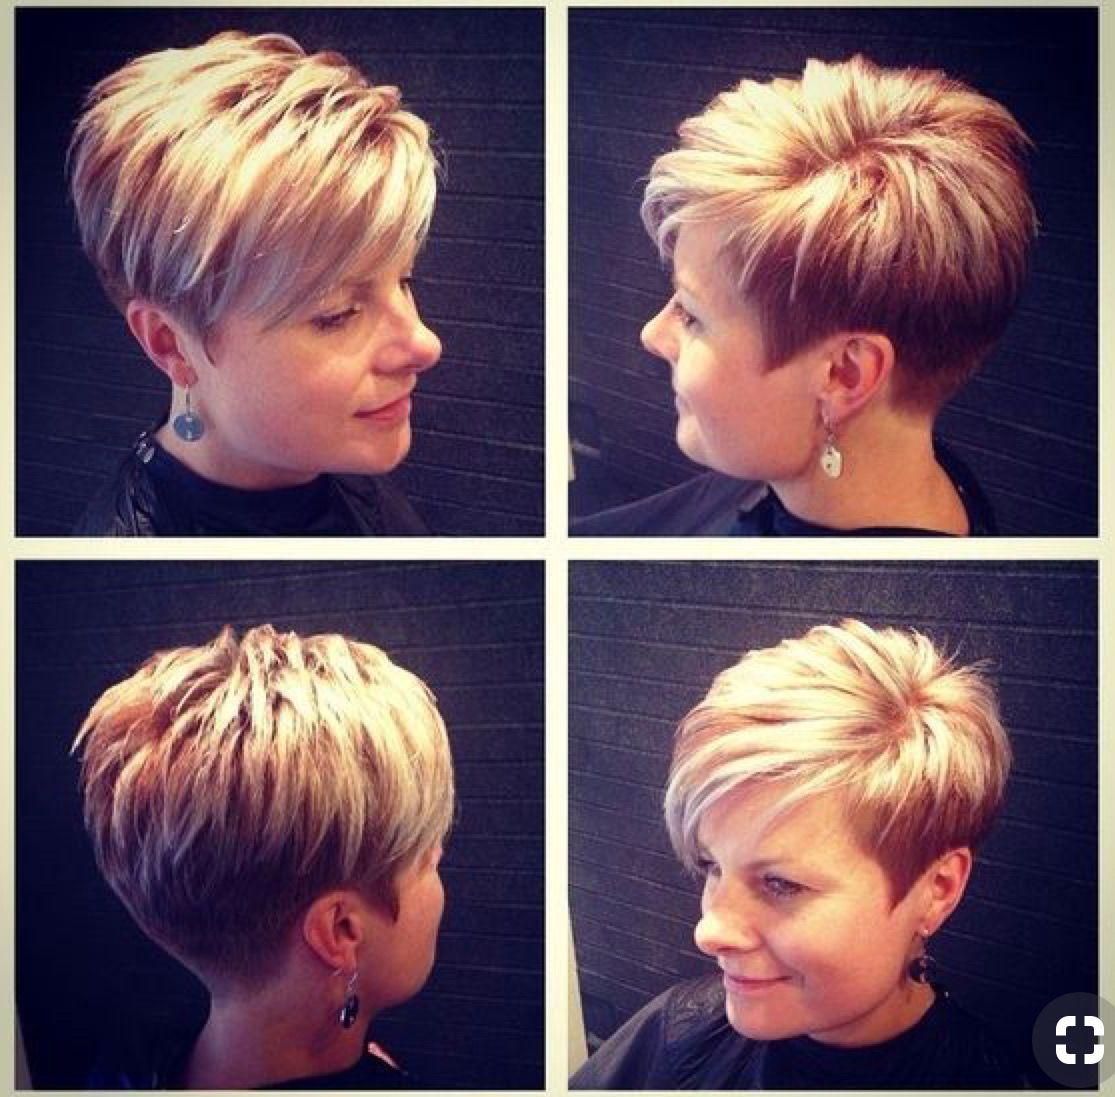 Pin Van Marry Baars Op Haircuts Korte Kapsels Dames Kapsels Kapsels Voor Kort Haar